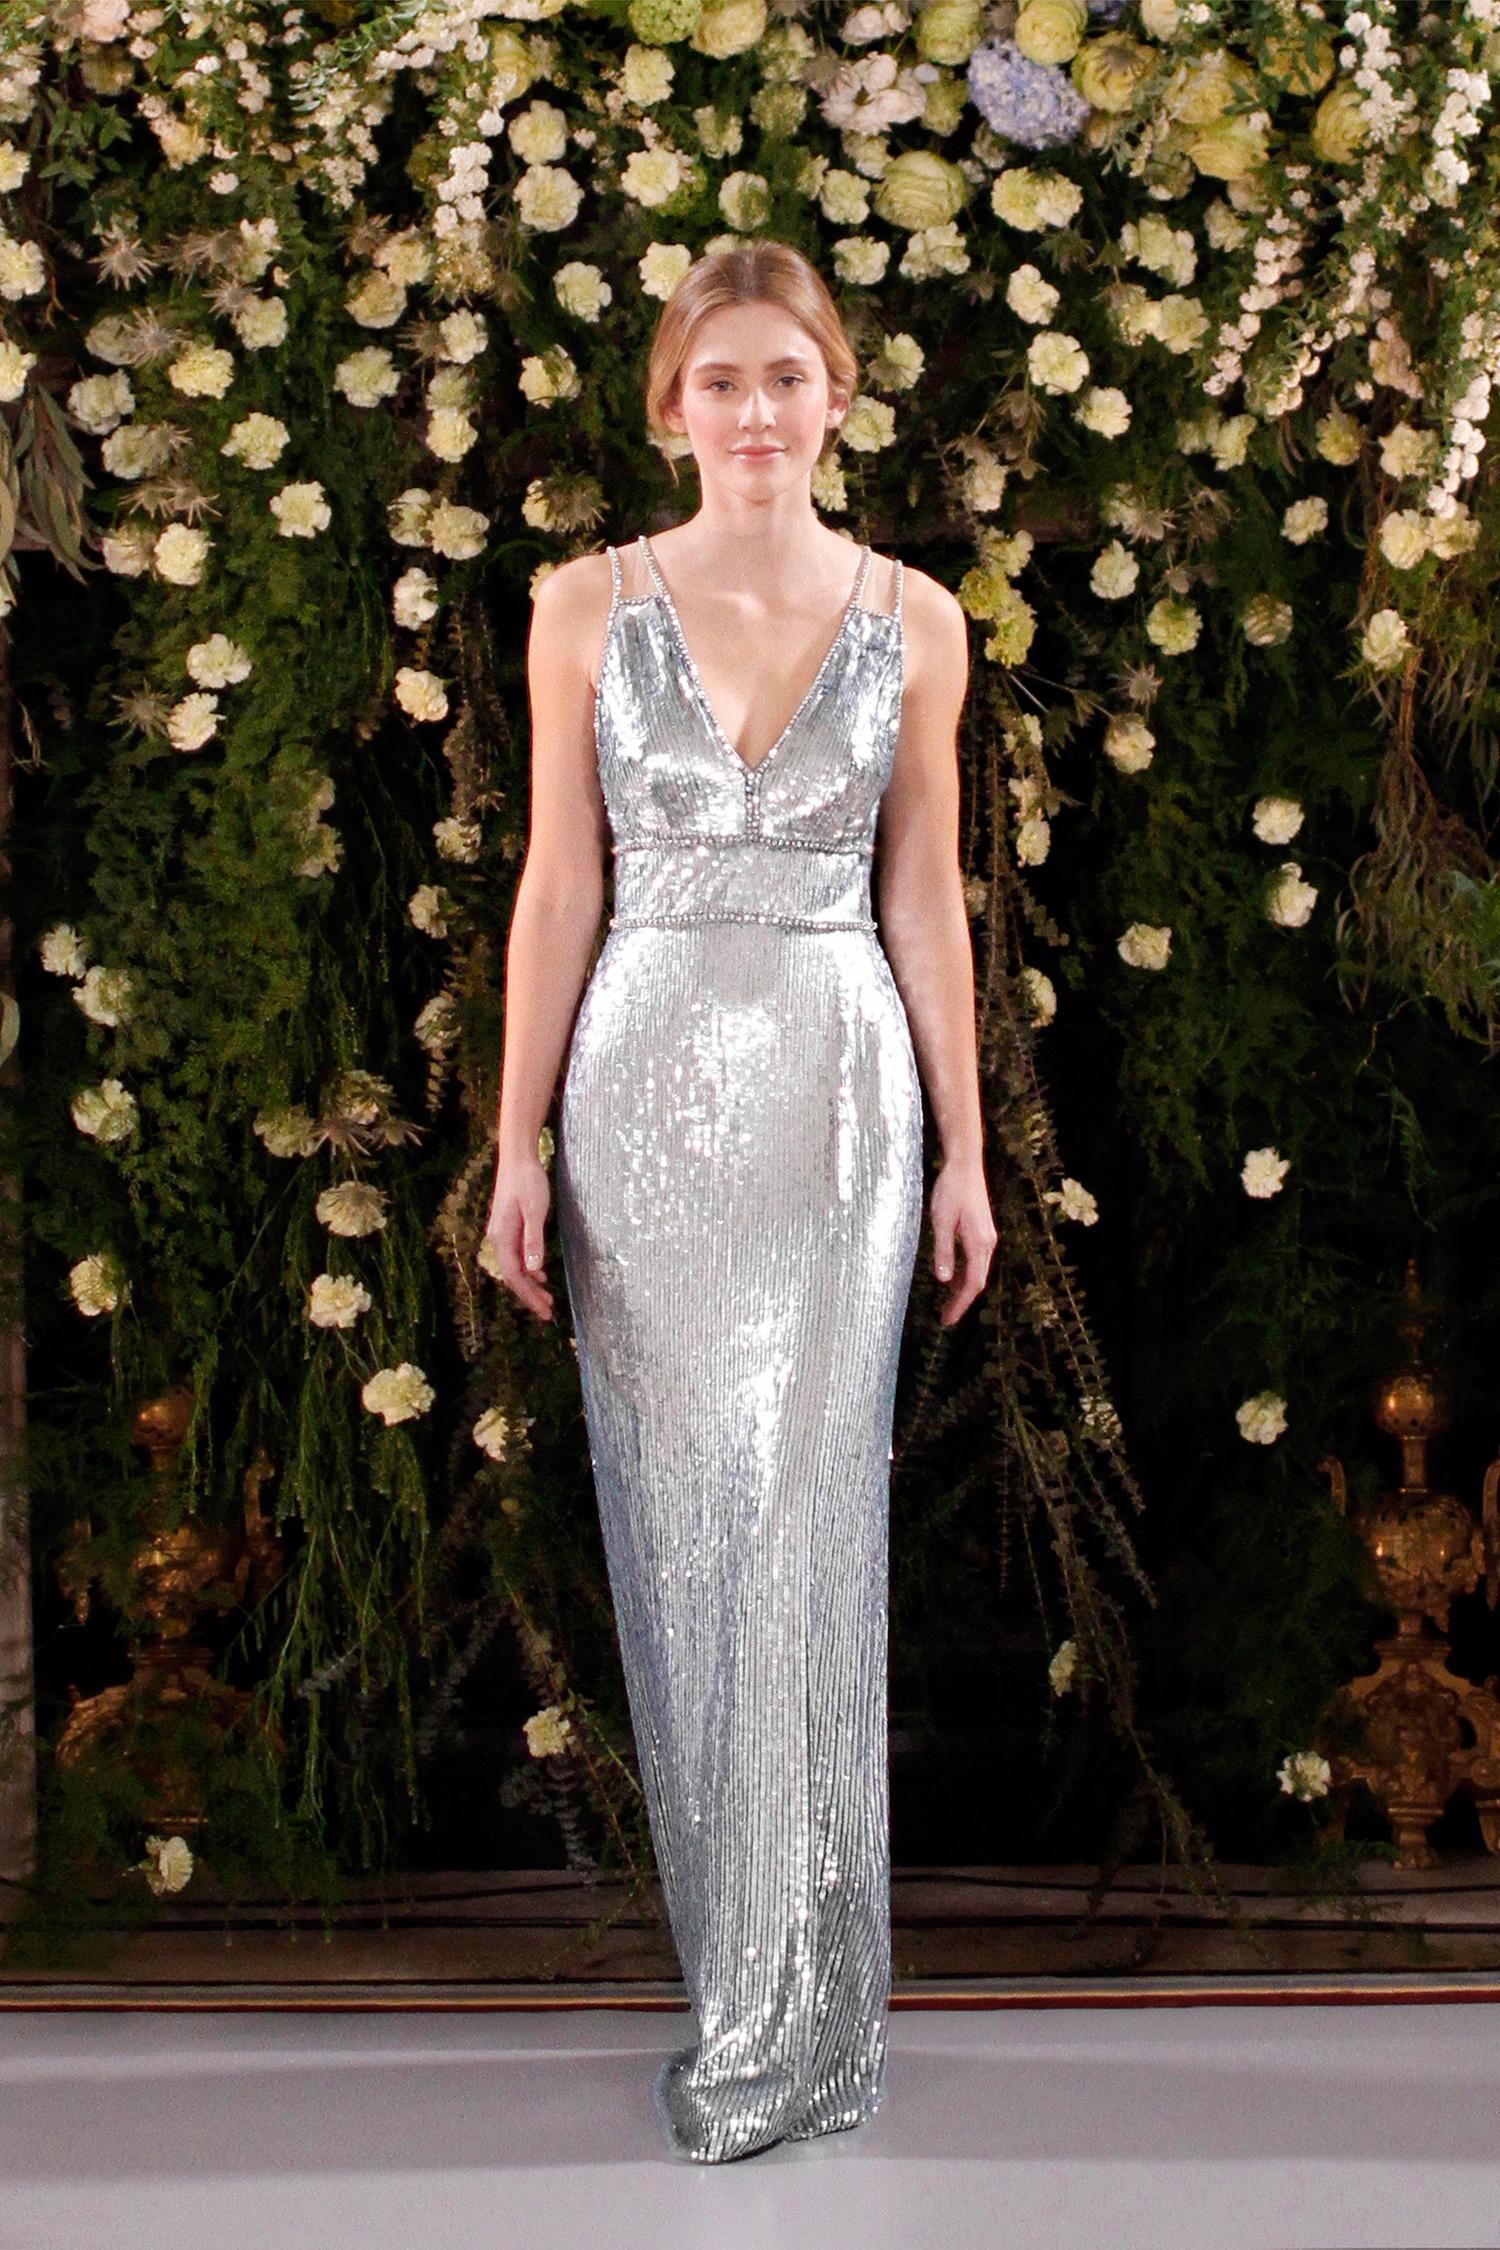 jenny packham wedding dress spring 2019 silver v-neck with sequins